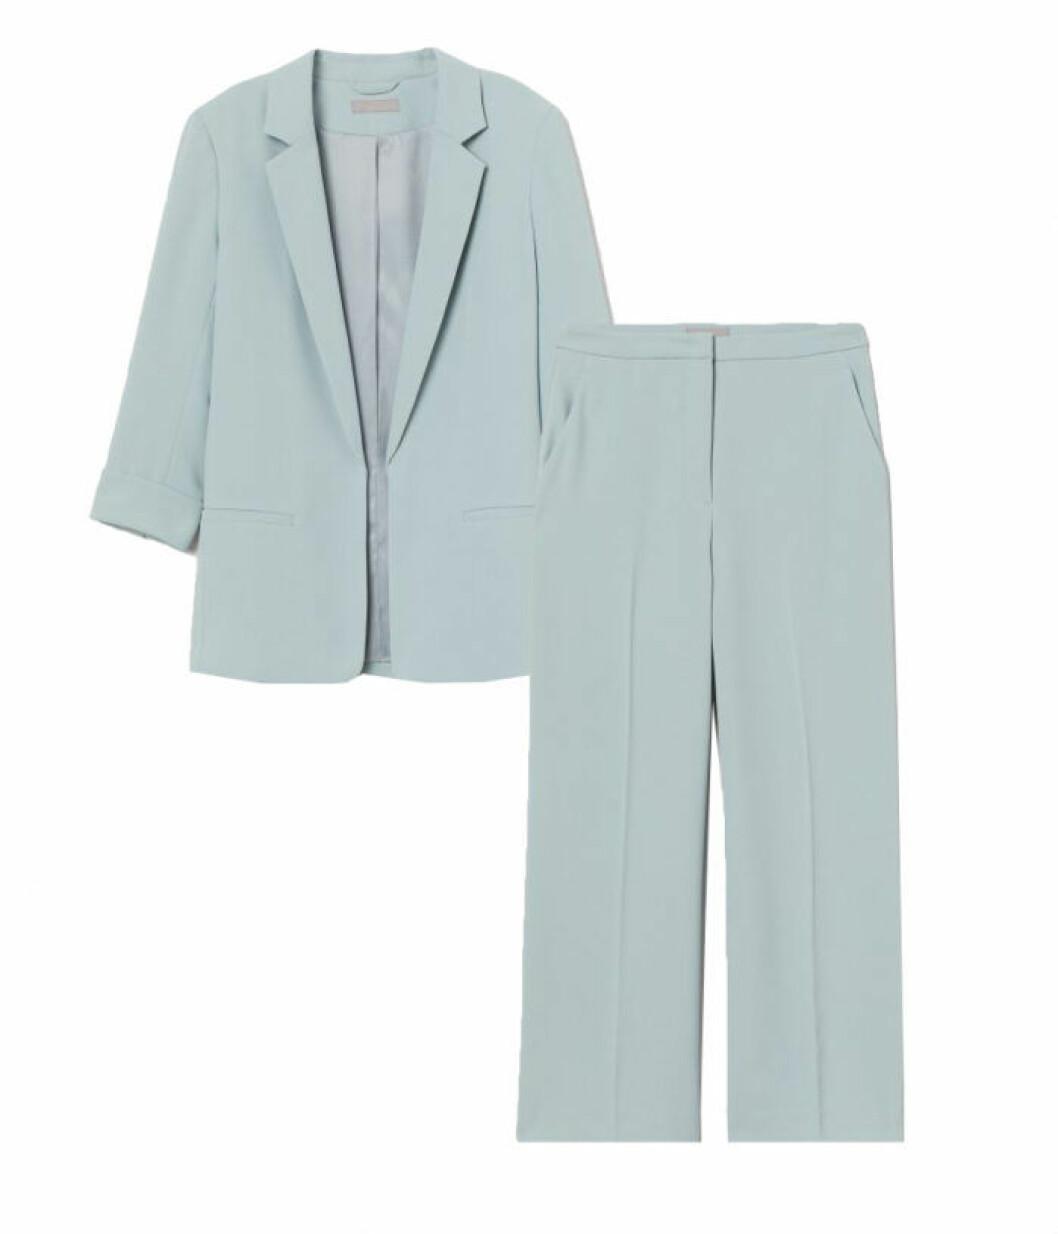 Kostymset från H&M